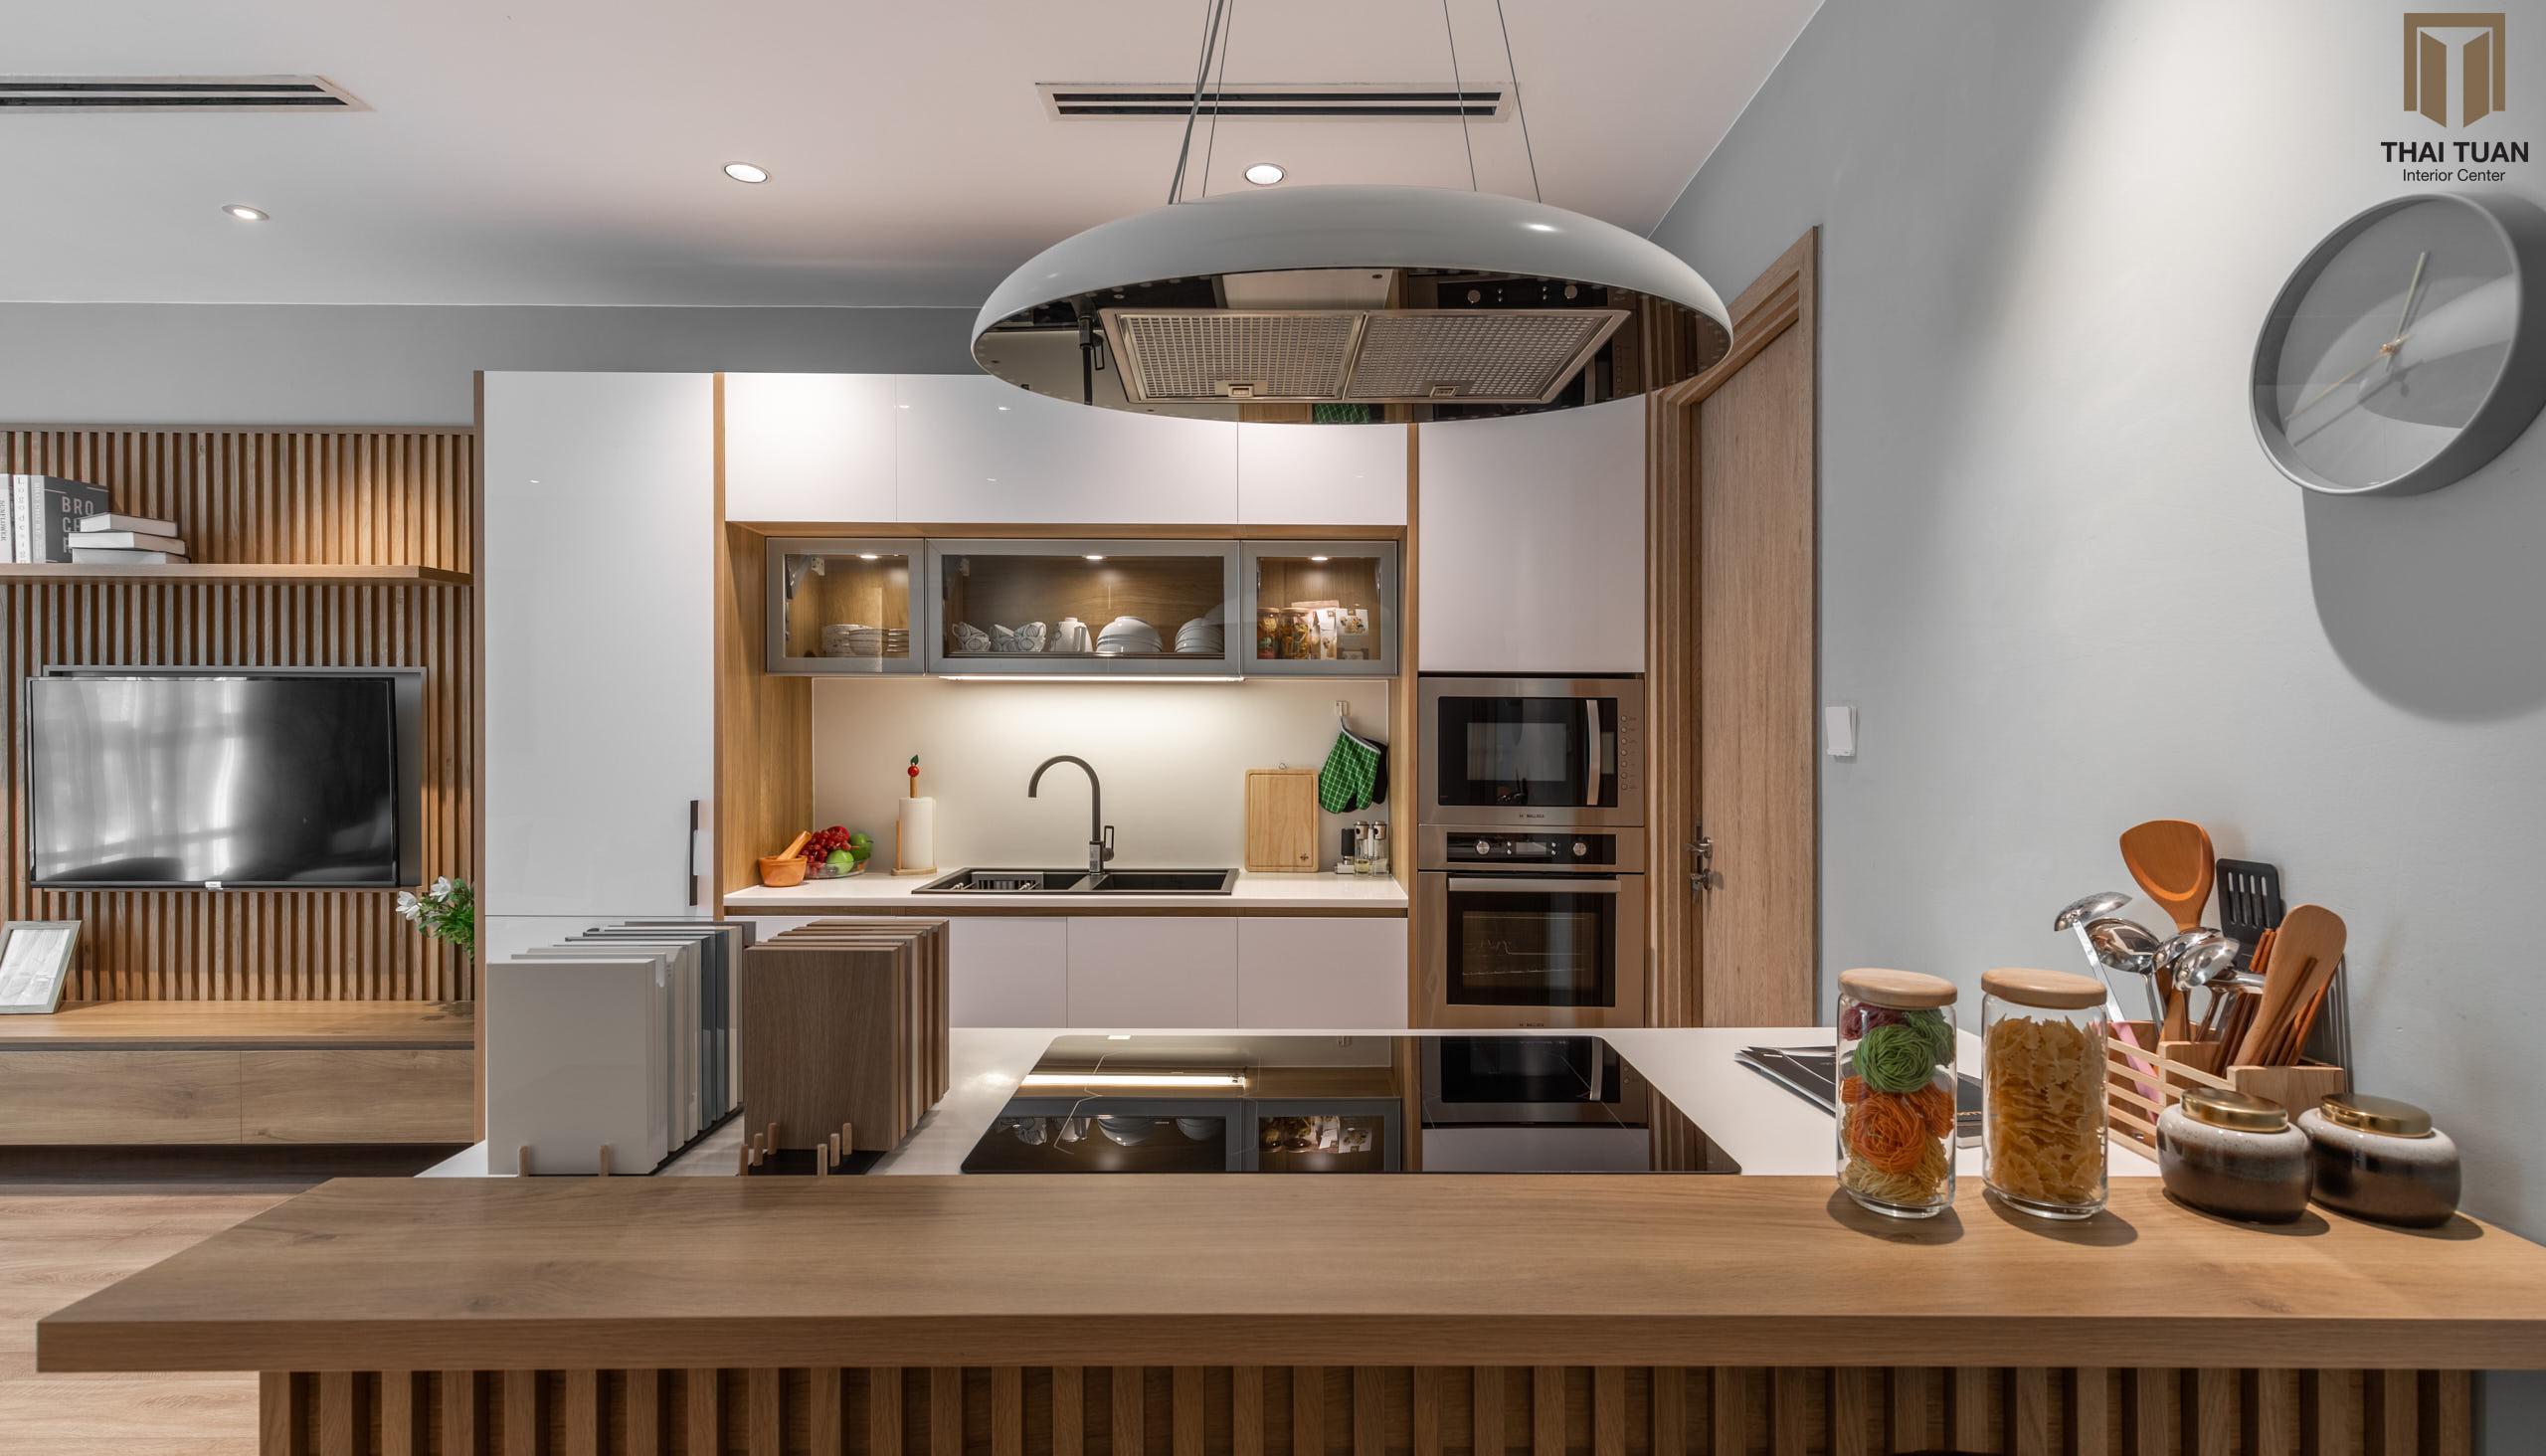 Căn bếp được trang bị những thiết bị bếp nhập khẩu từ Châu Âu